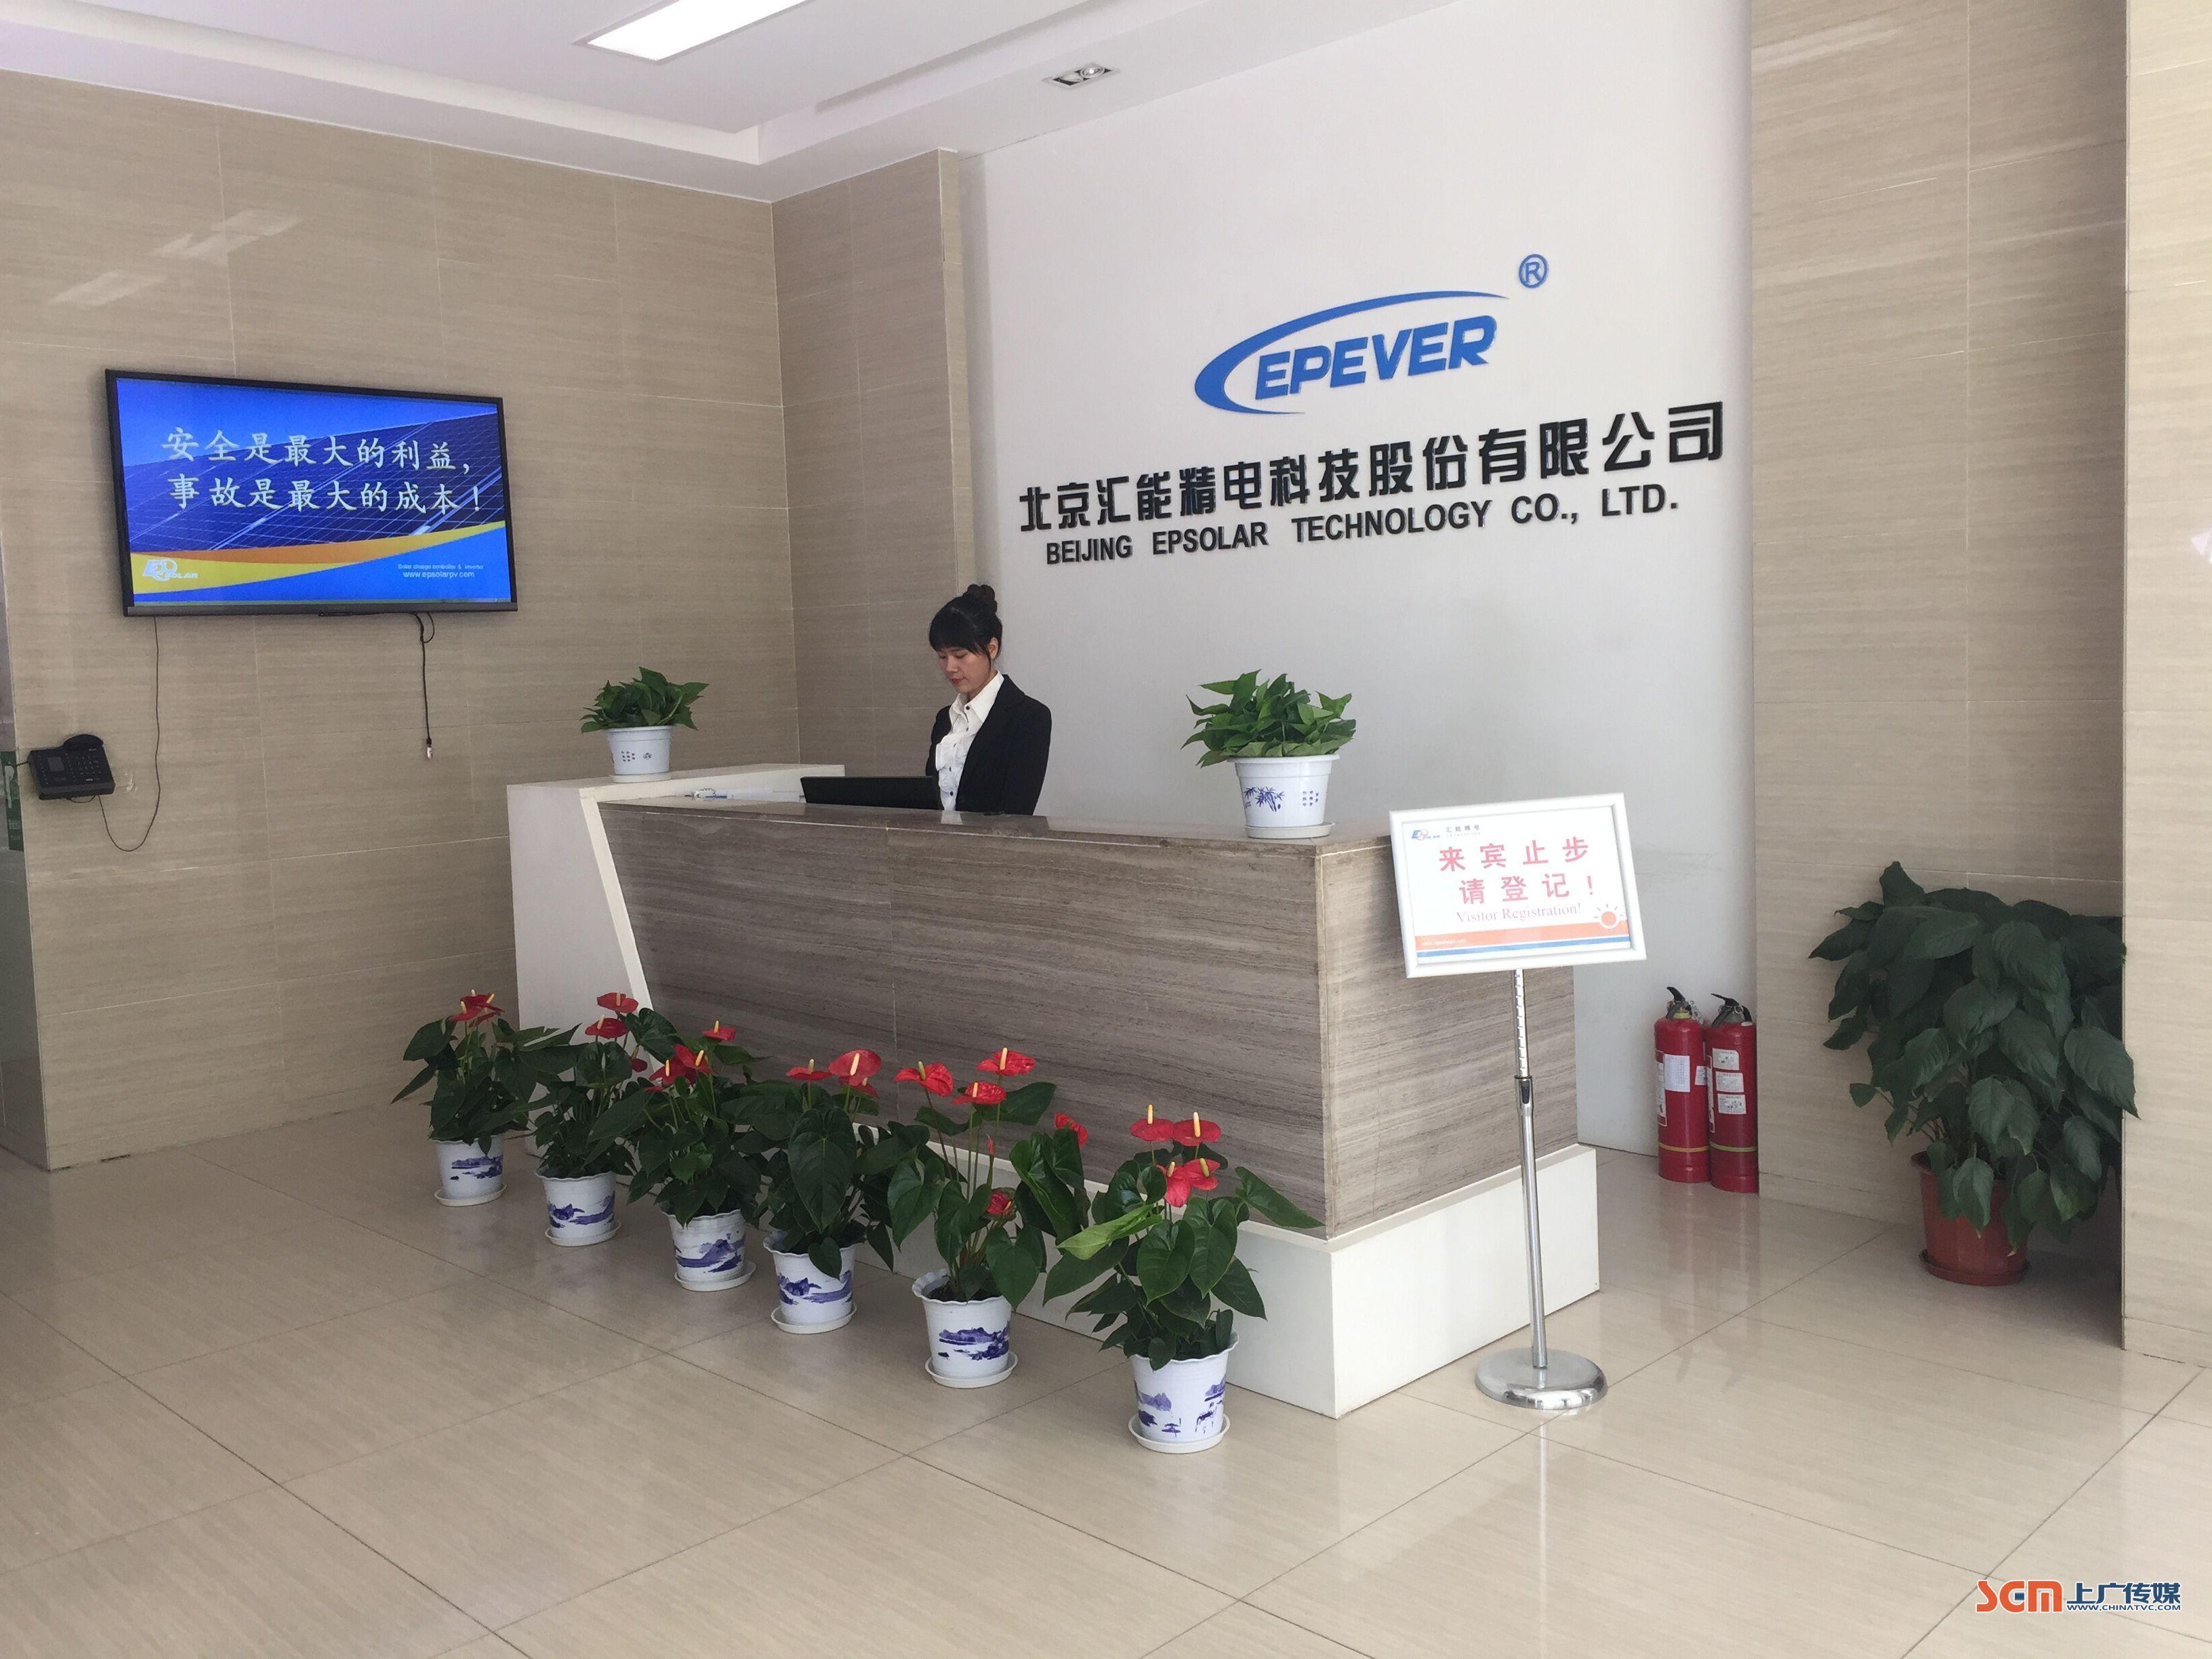 北京汇能精电科技股份有限公司拍摄花絮宣传片拍摄制作现场花絮